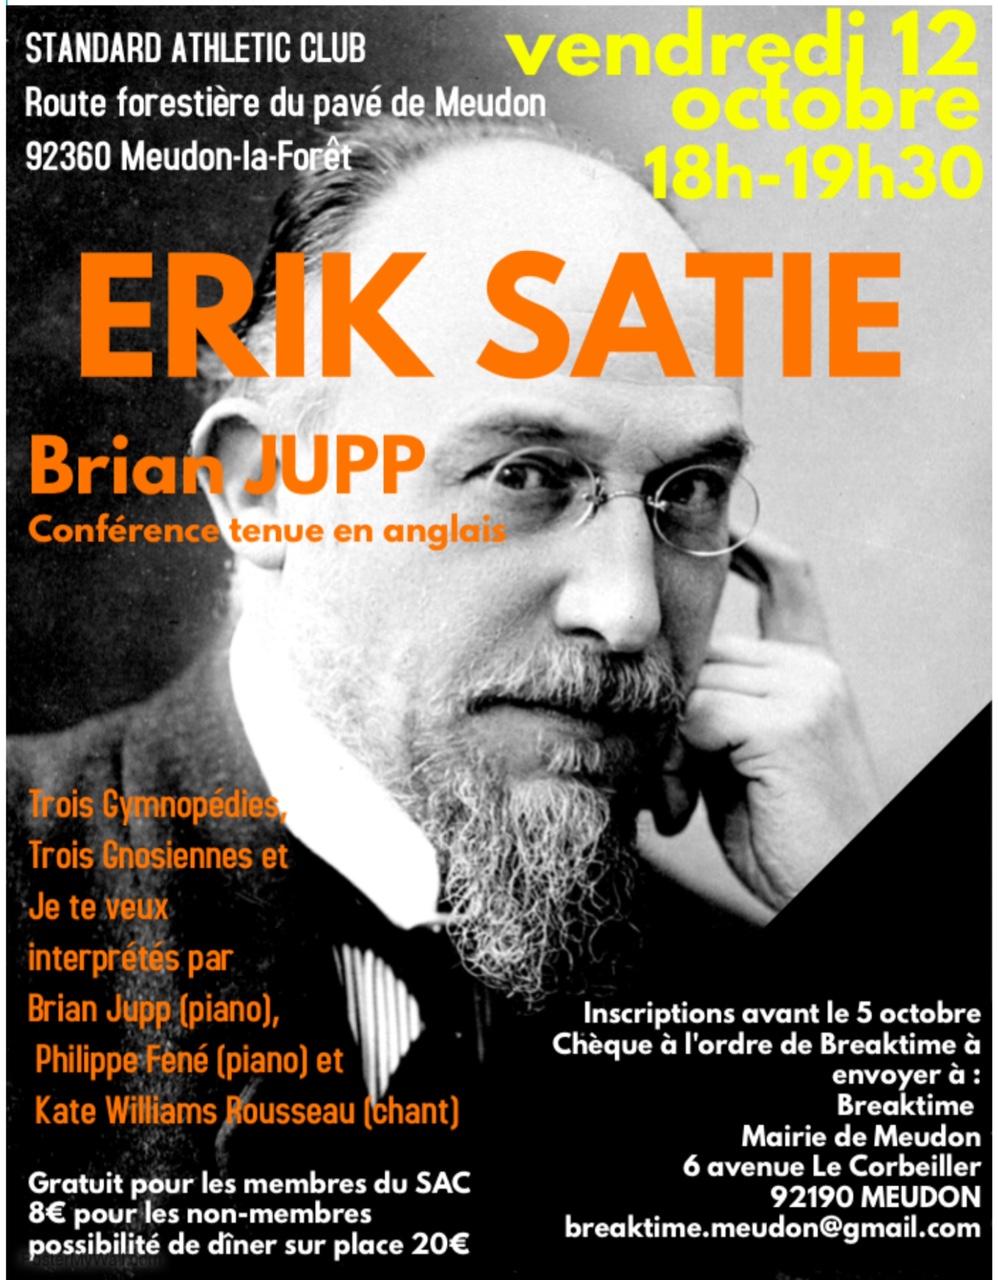 Conférence Erik Satie (en Anglais) au Standard Athletic Club le 12 octobre à 18h